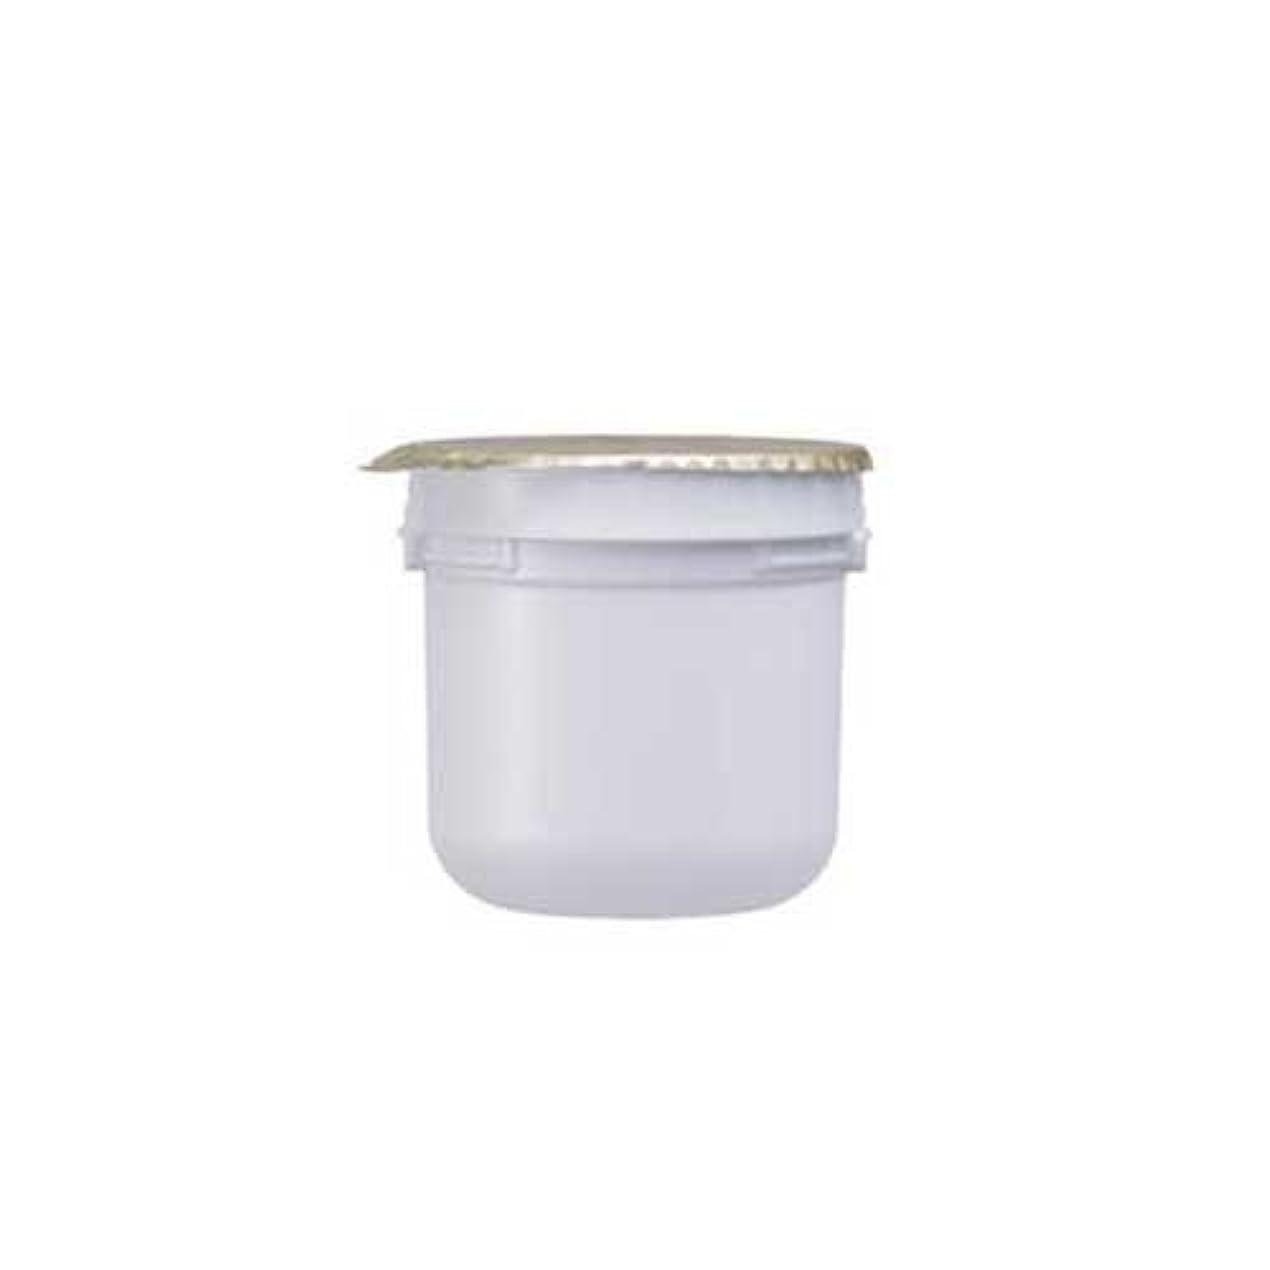 アプト不適連結するASTALIFT(アスタリフト) ホワイト クリーム(美白クリーム)レフィル 30g